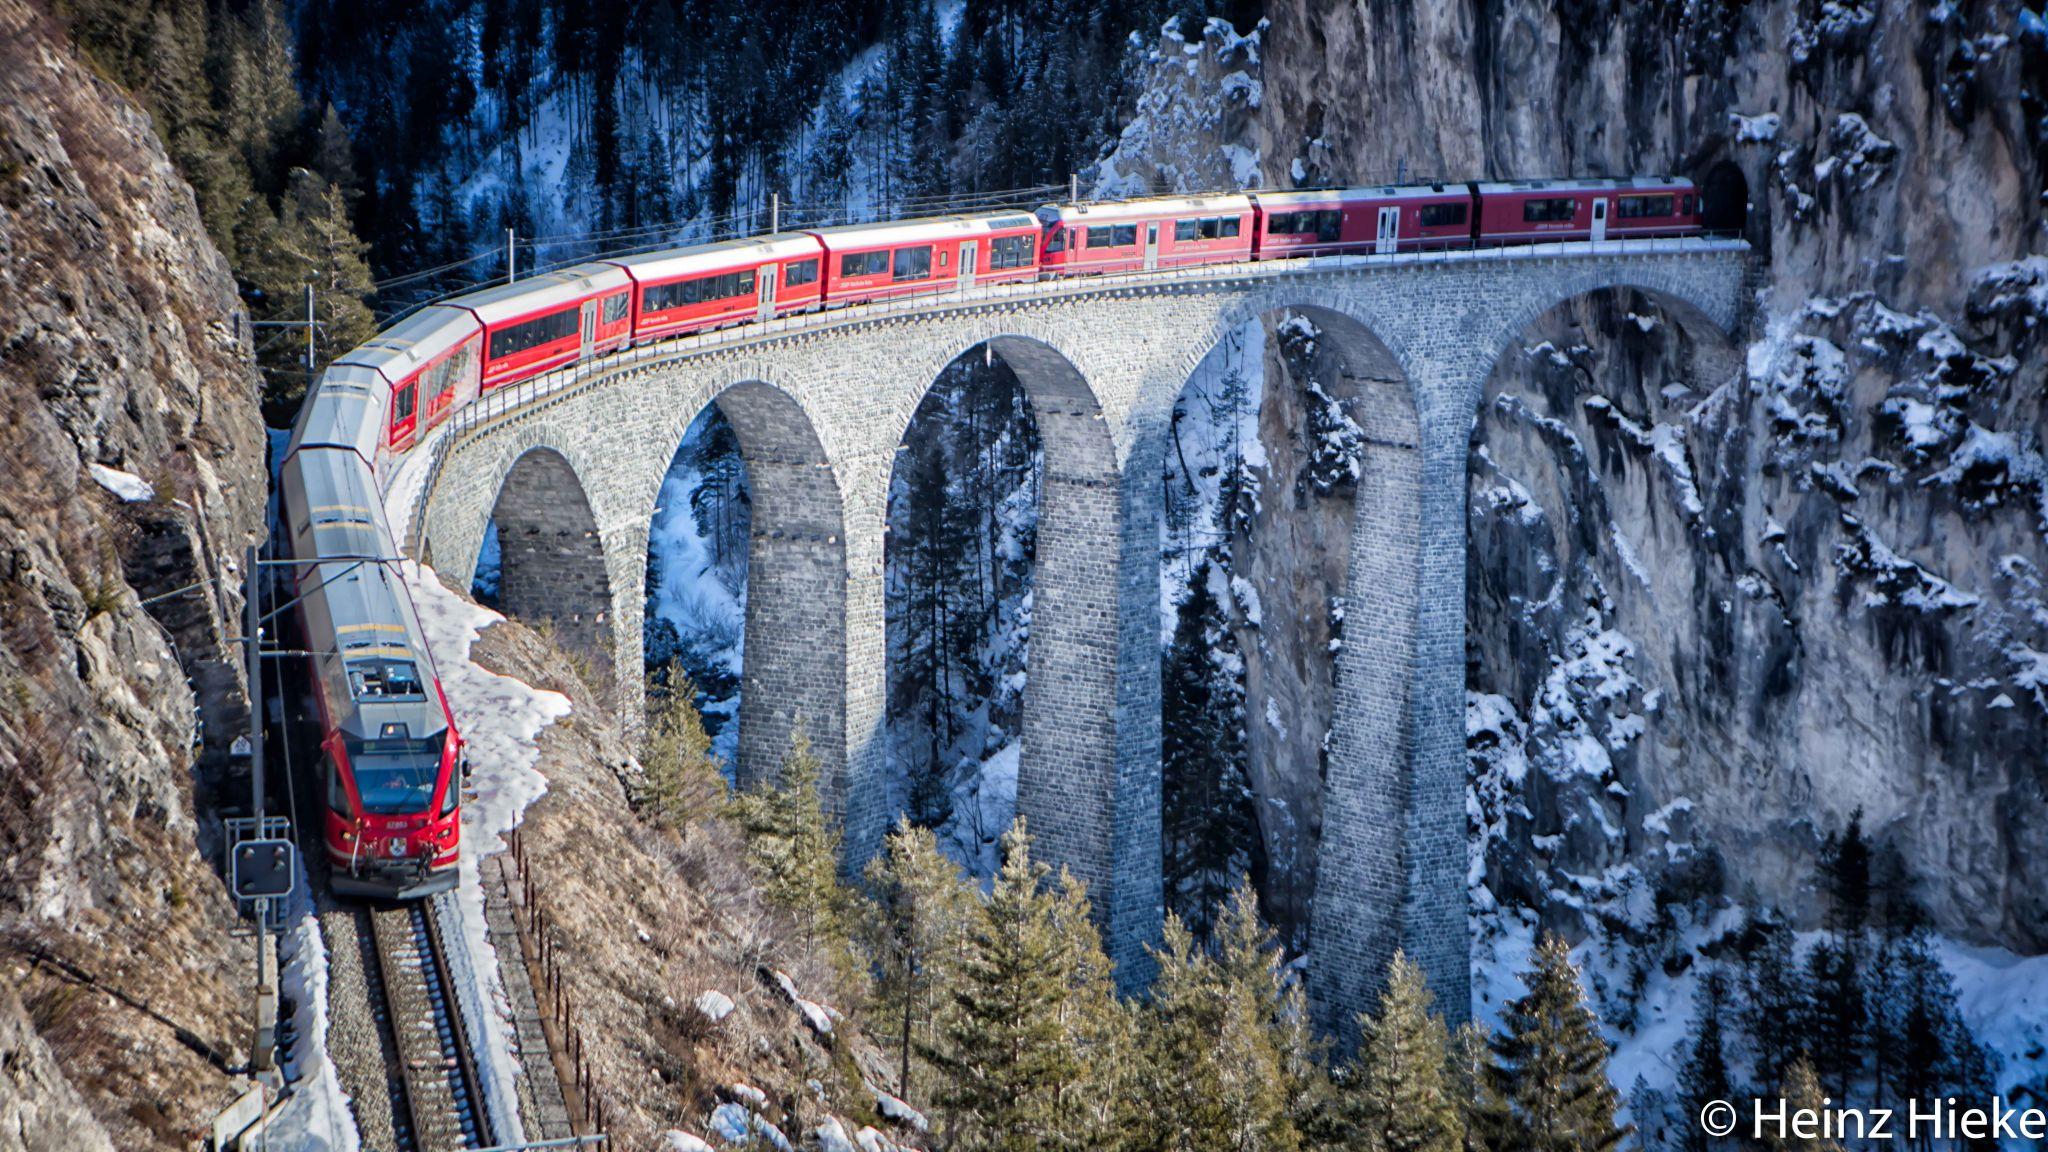 Landwasserviadukt, Switzerland